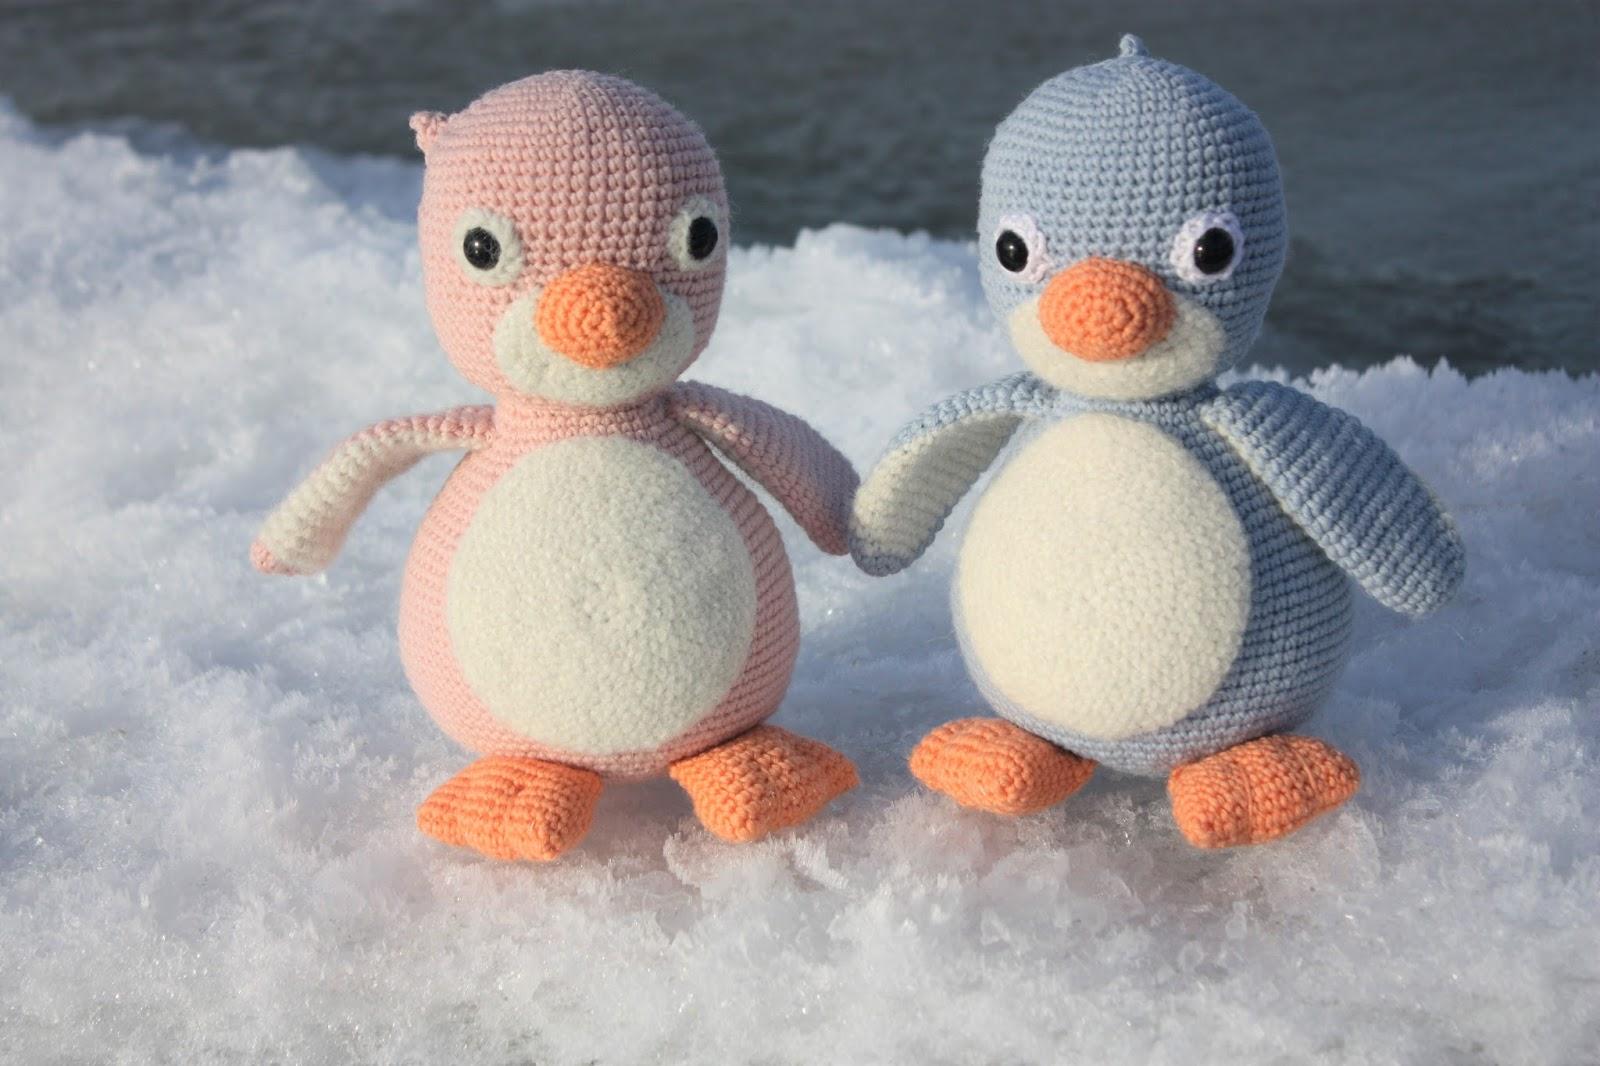 Amigurumi Crochet Penguin Pattern : Amigurumi creations by Happyamigurumi: Amigurumi Crochet ...